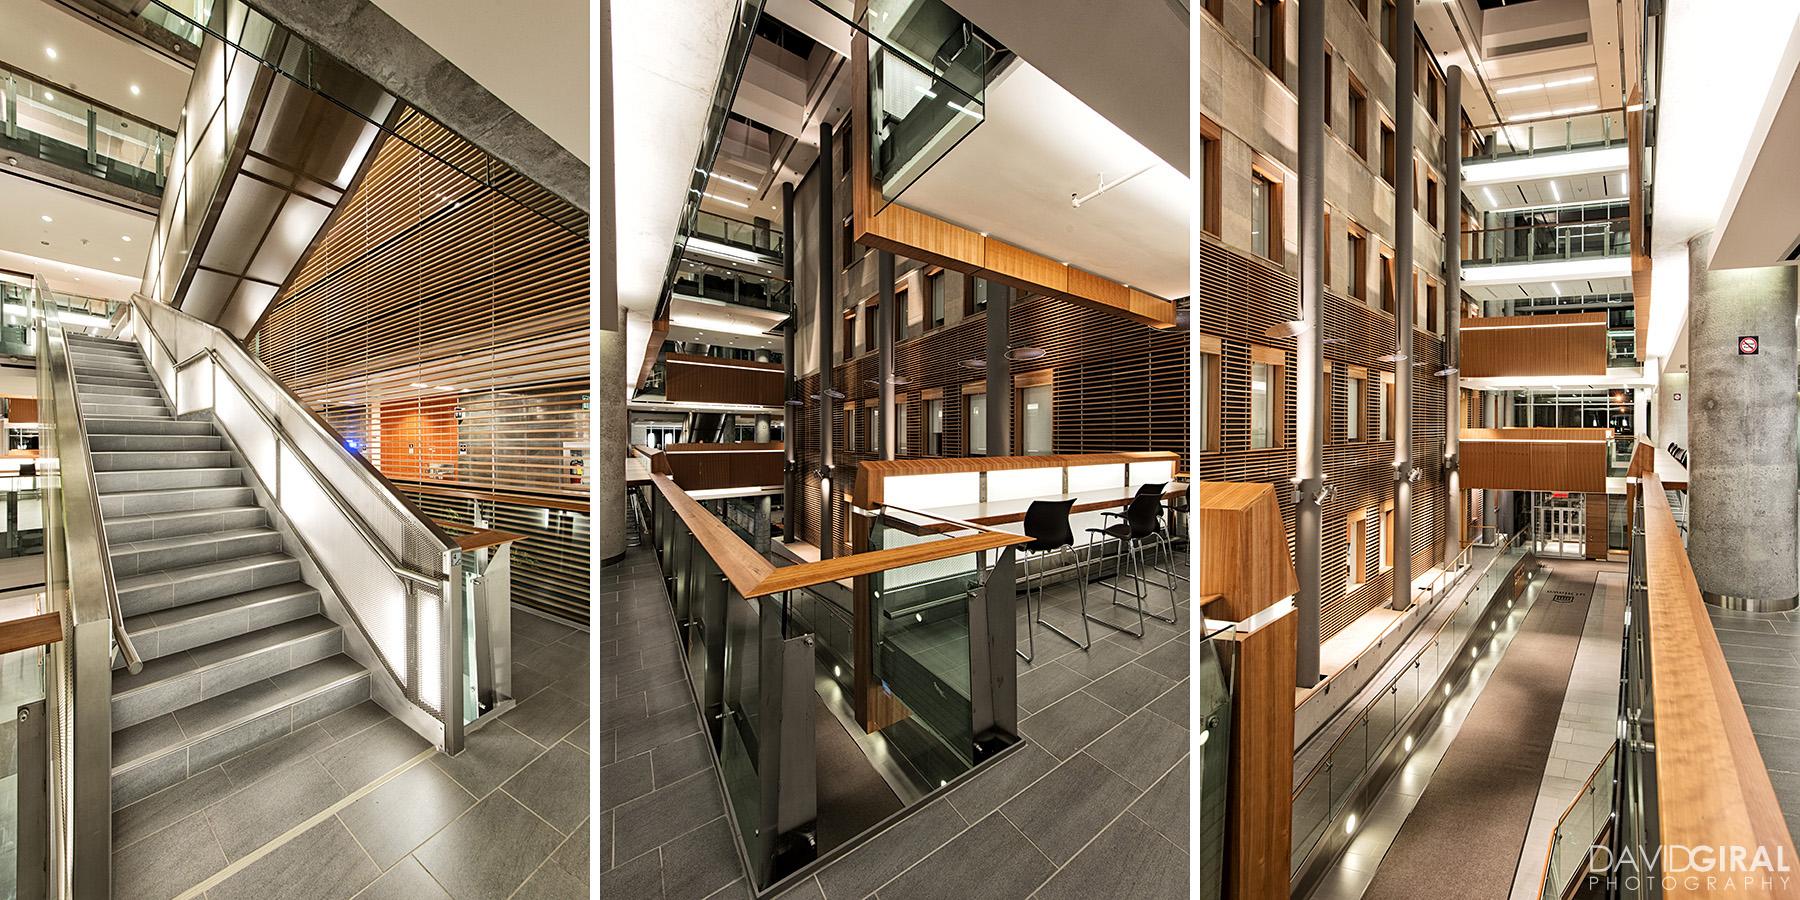 Architecture Photography University Of Ottawa Diamond Shmitt Kwc